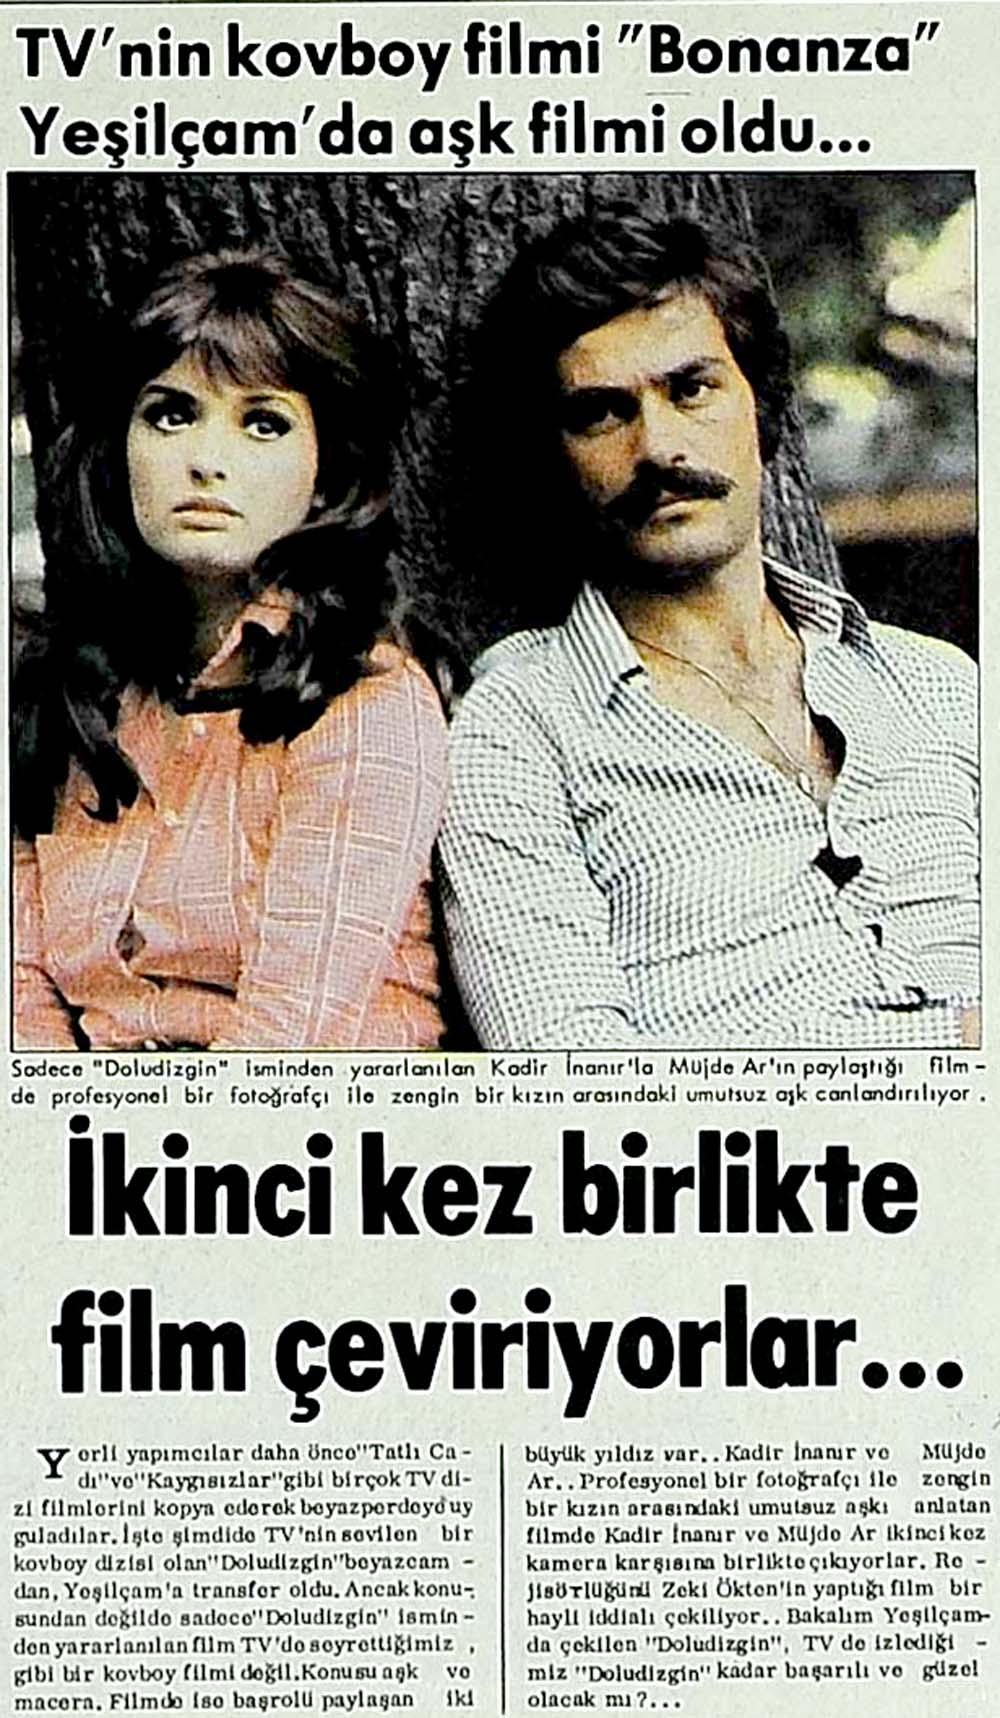 Bonanza aşk filmi oldu...